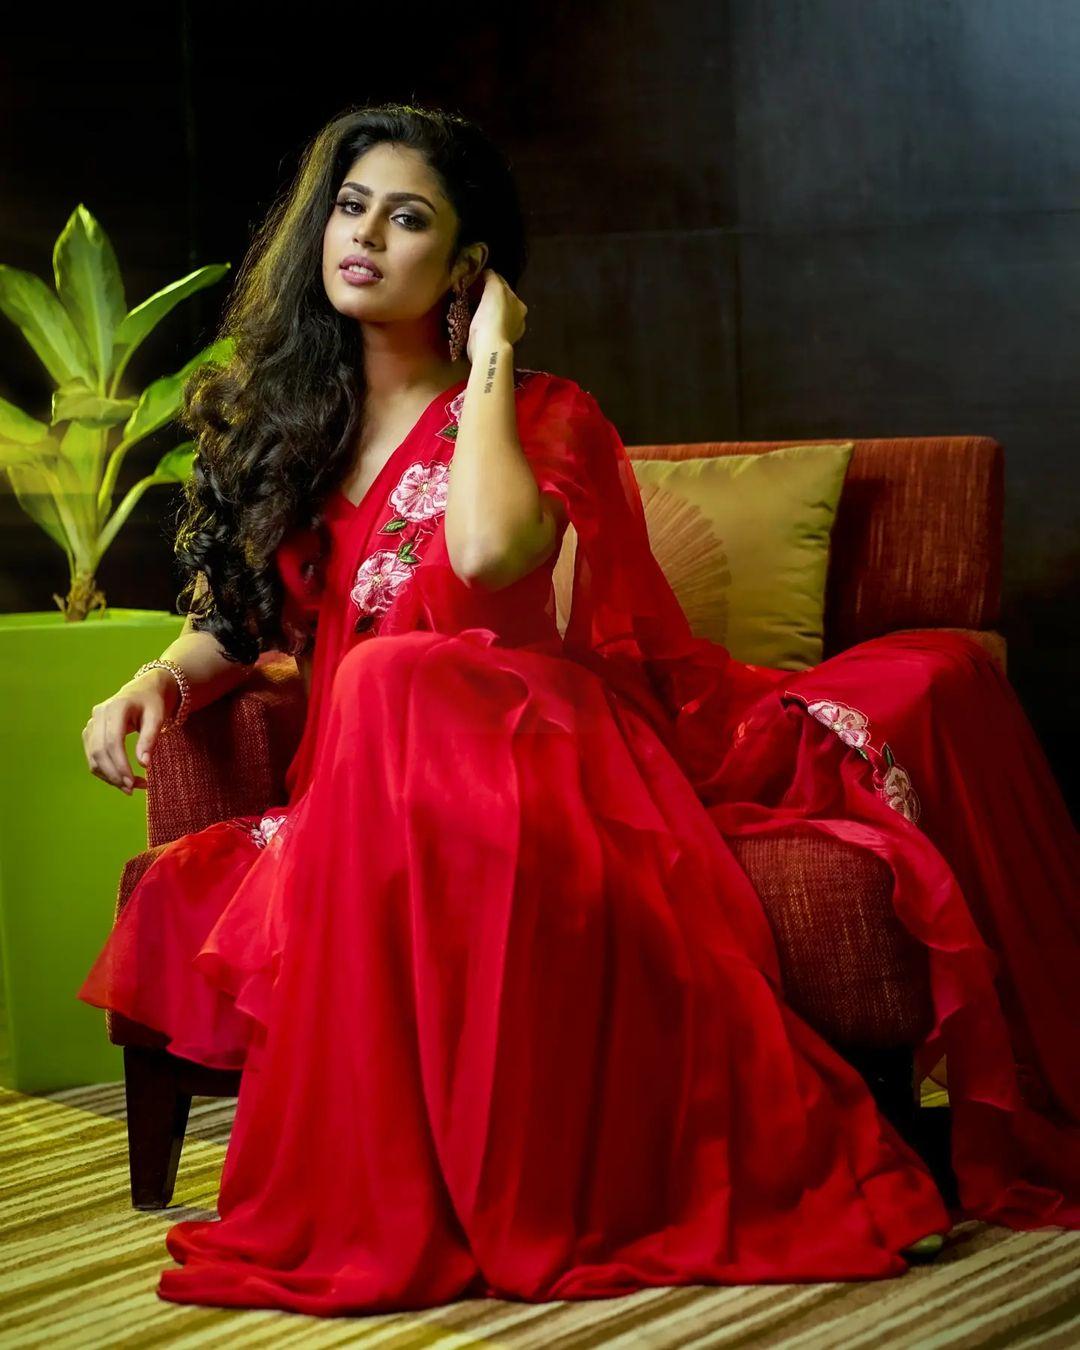 Faria Abdullah cute pictures in saree